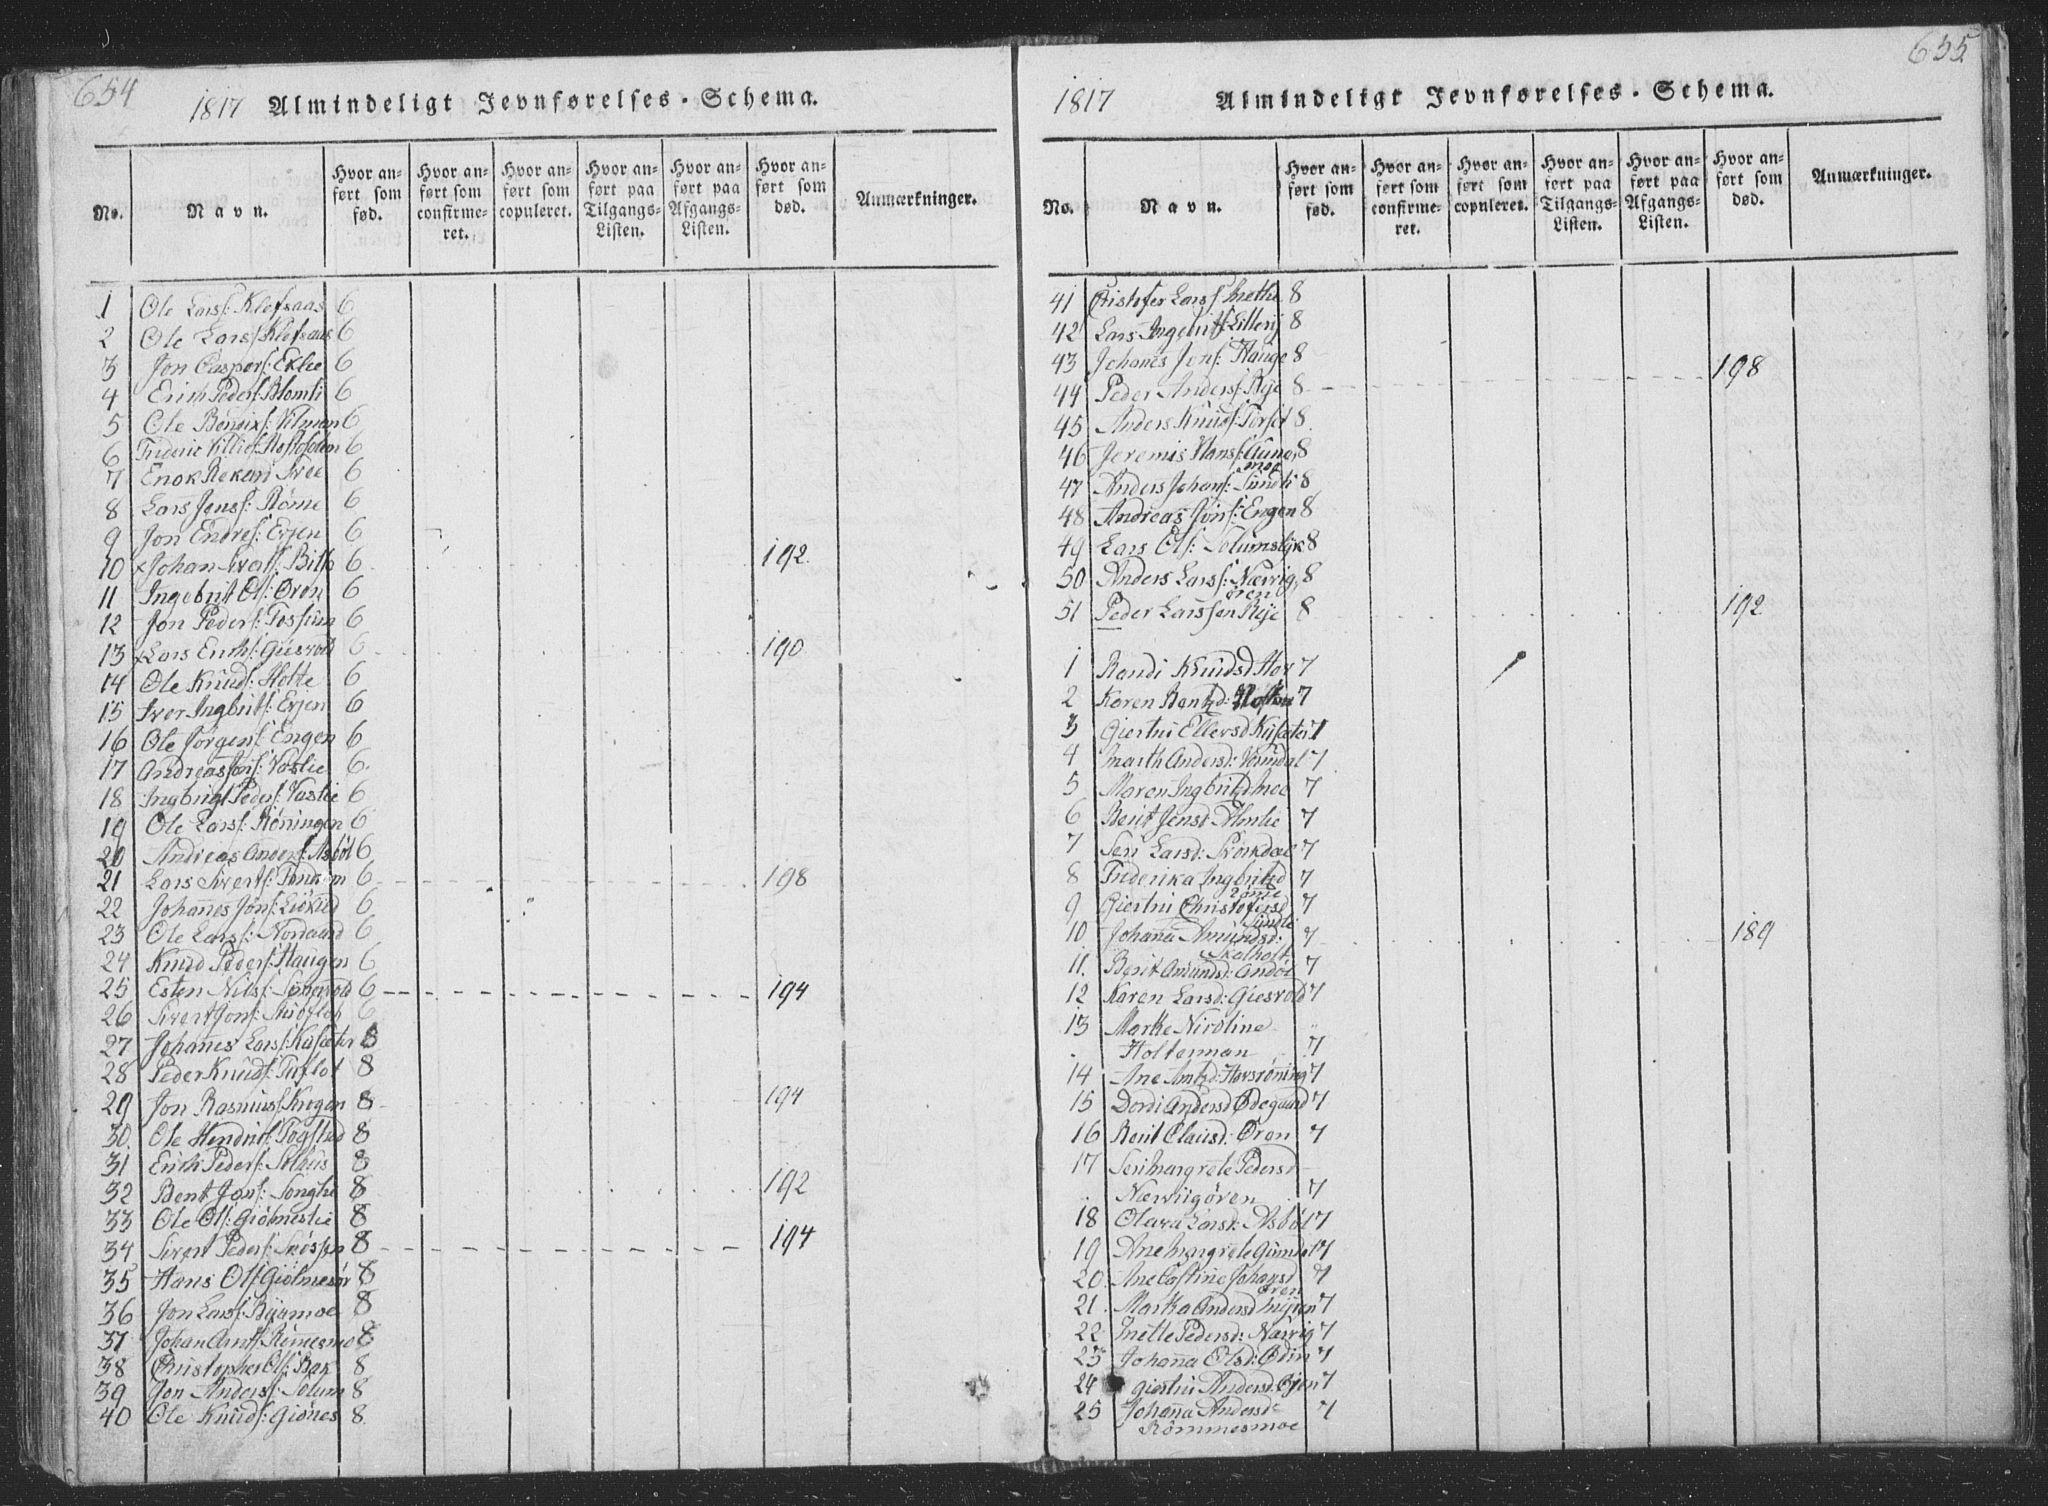 SAT, Ministerialprotokoller, klokkerbøker og fødselsregistre - Sør-Trøndelag, 668/L0816: Klokkerbok nr. 668C05, 1816-1893, s. 654-655